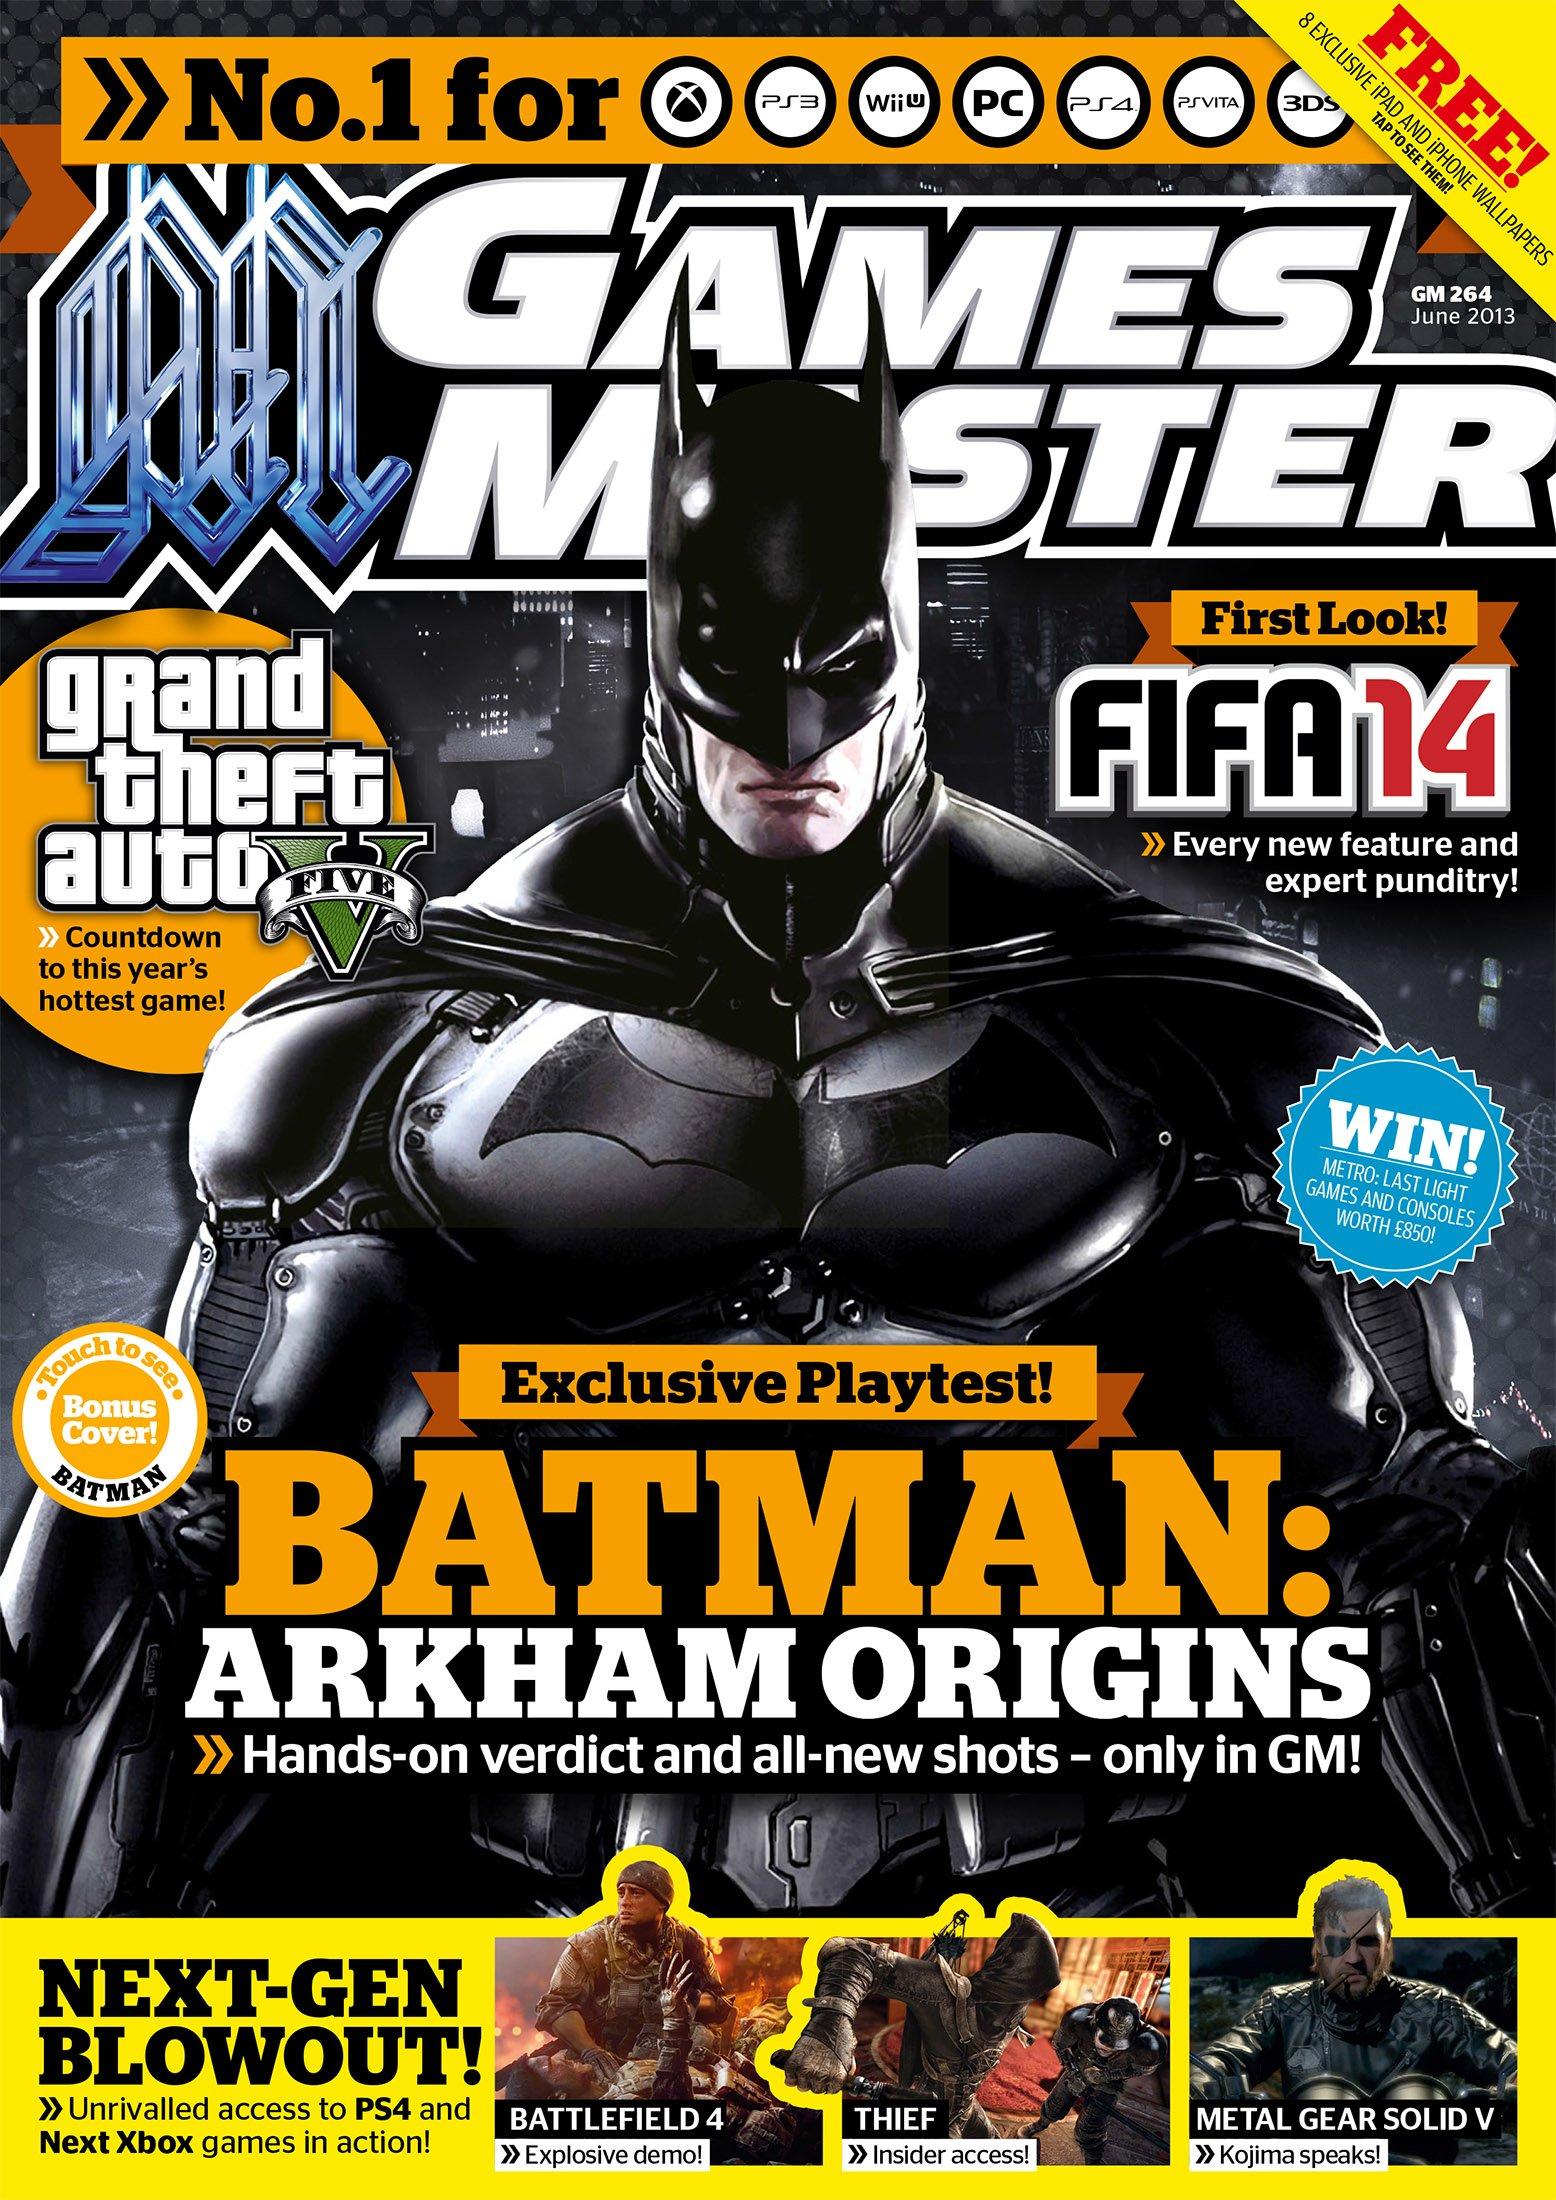 GamesMaster Issue 264 (June 2013) (digital edition)